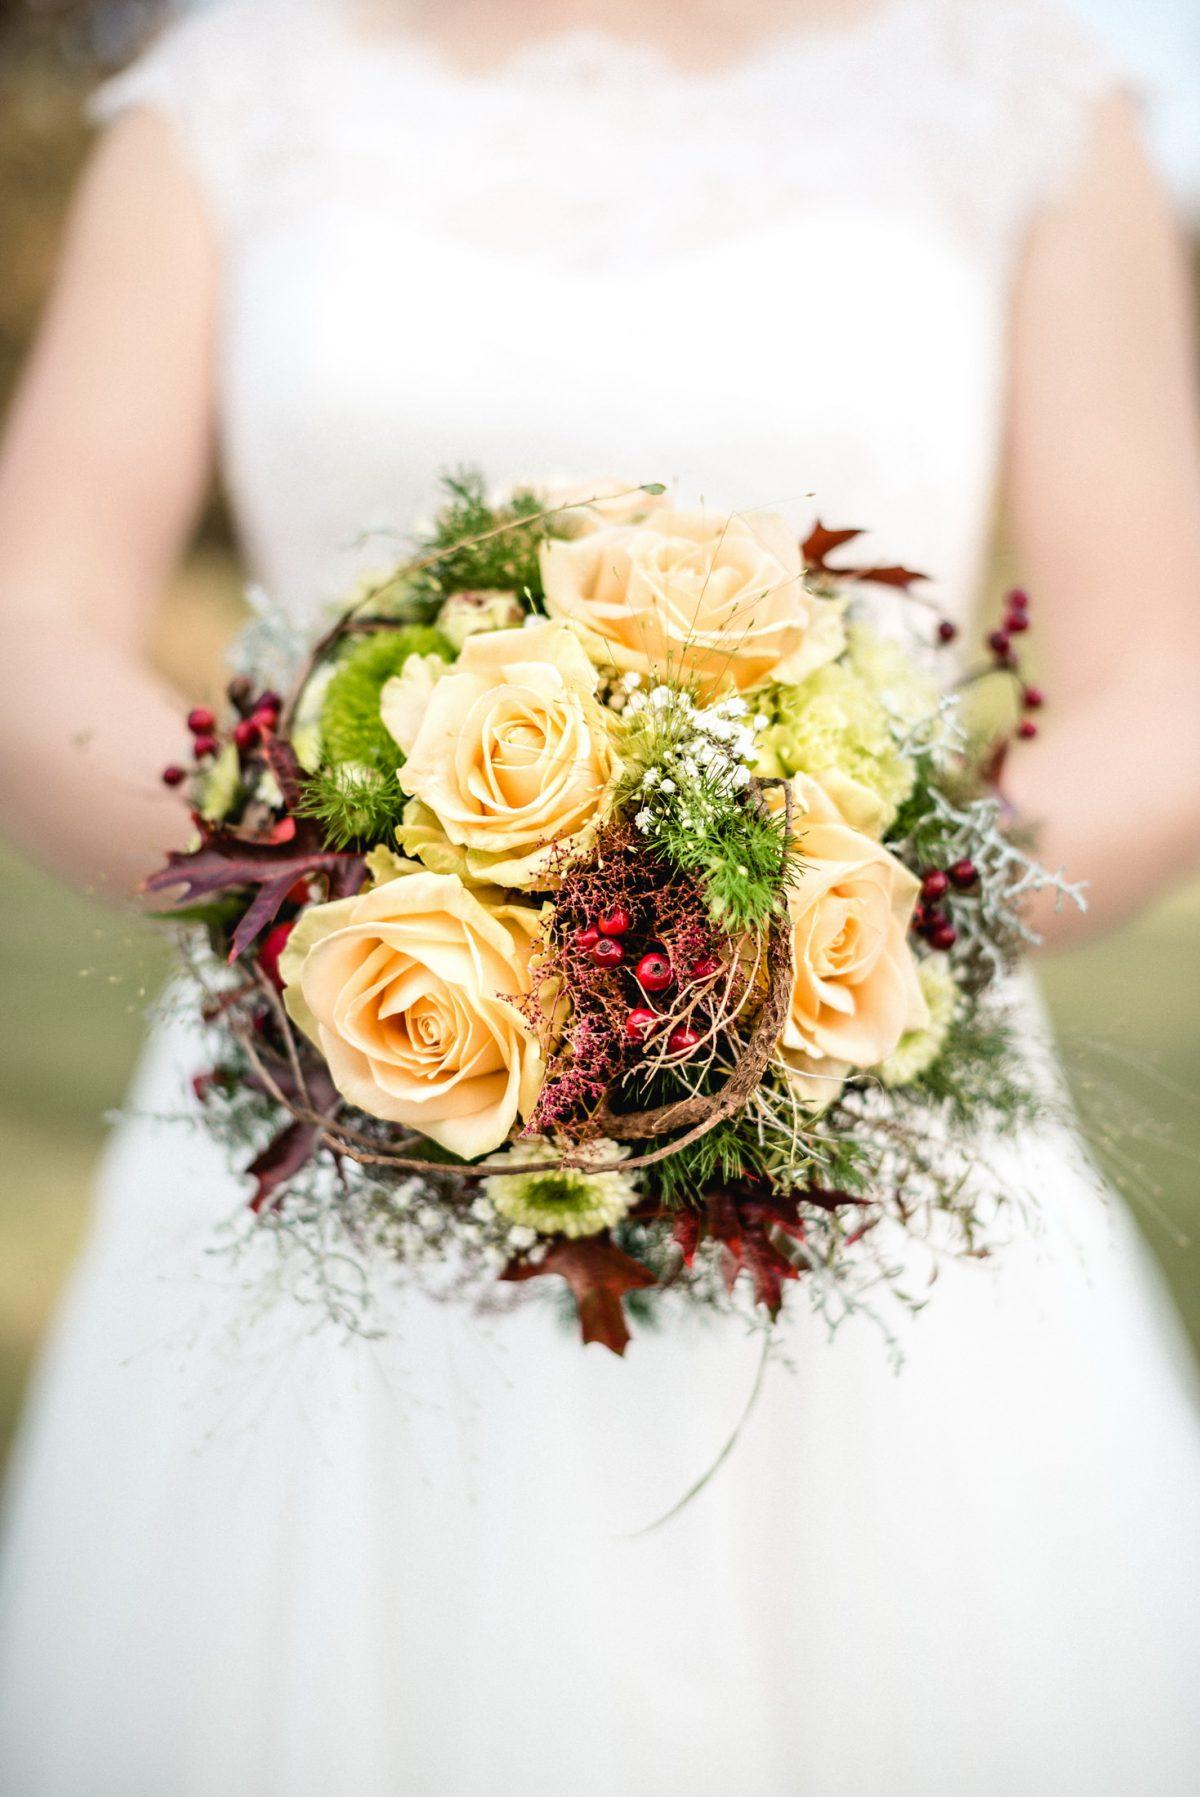 Brautstrauß Herbst Braut Shooting Brautkleid weiß Blumen Rosen